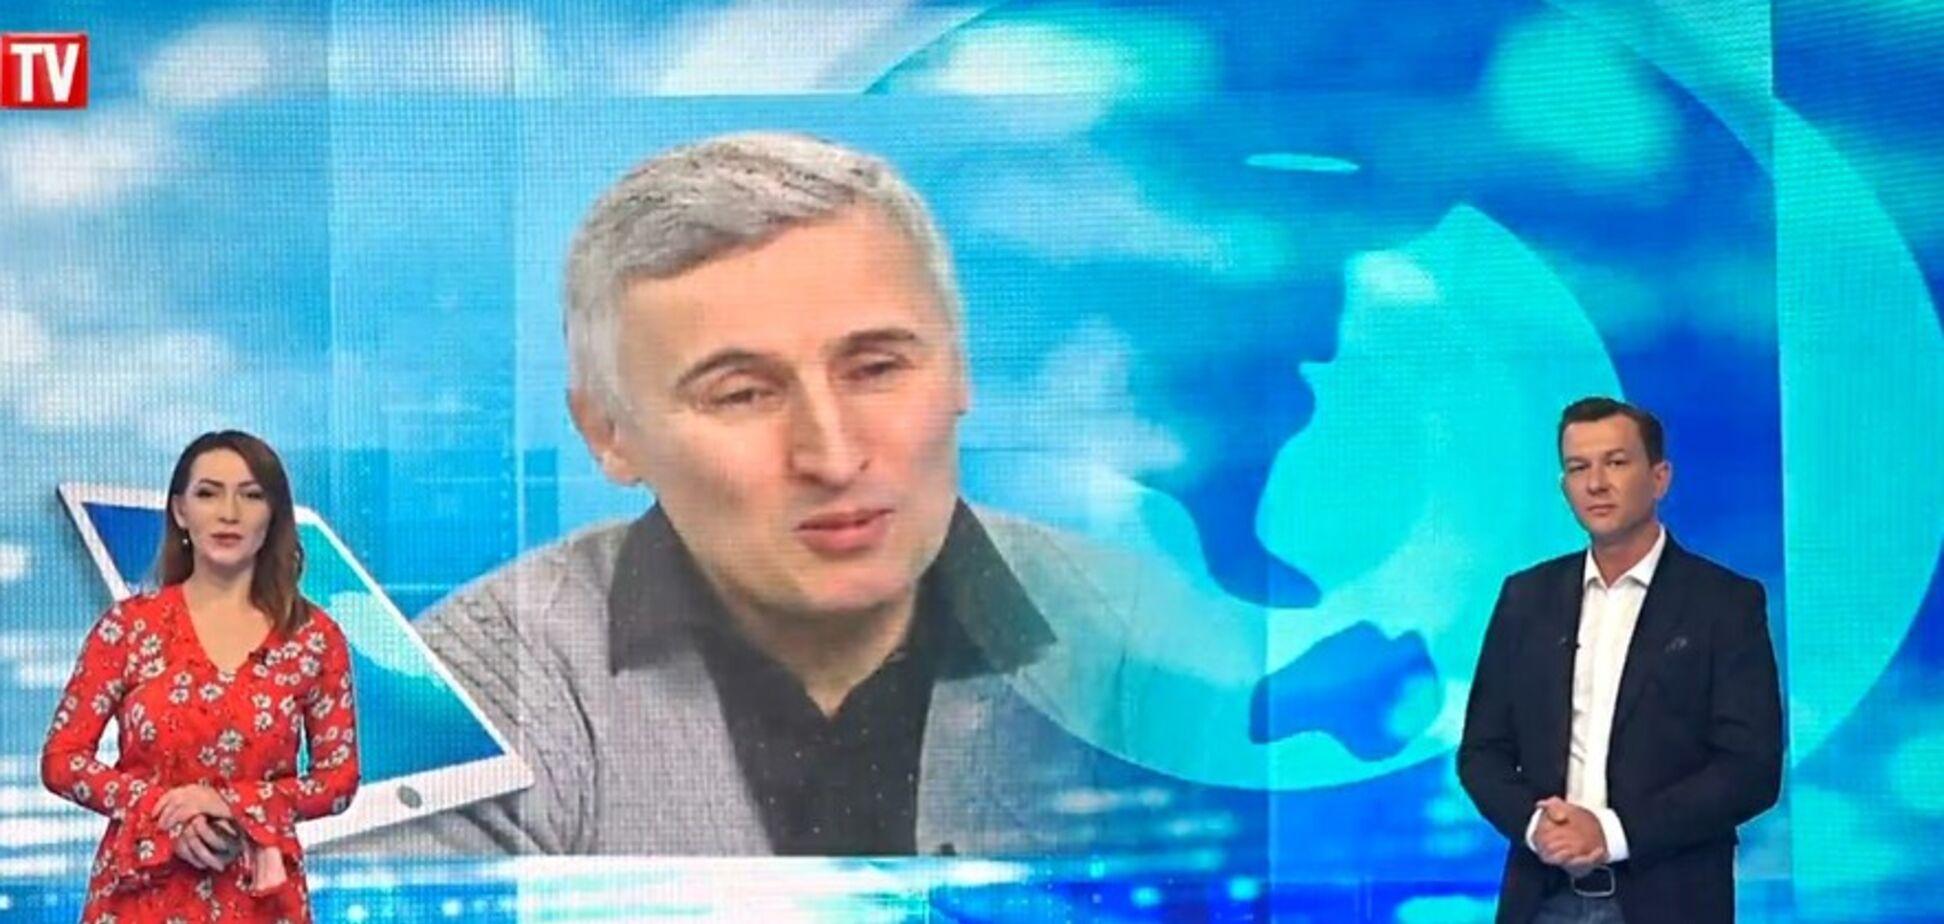 До +8 та дощі: синоптик розповів, чого чекати від погоди в Україні